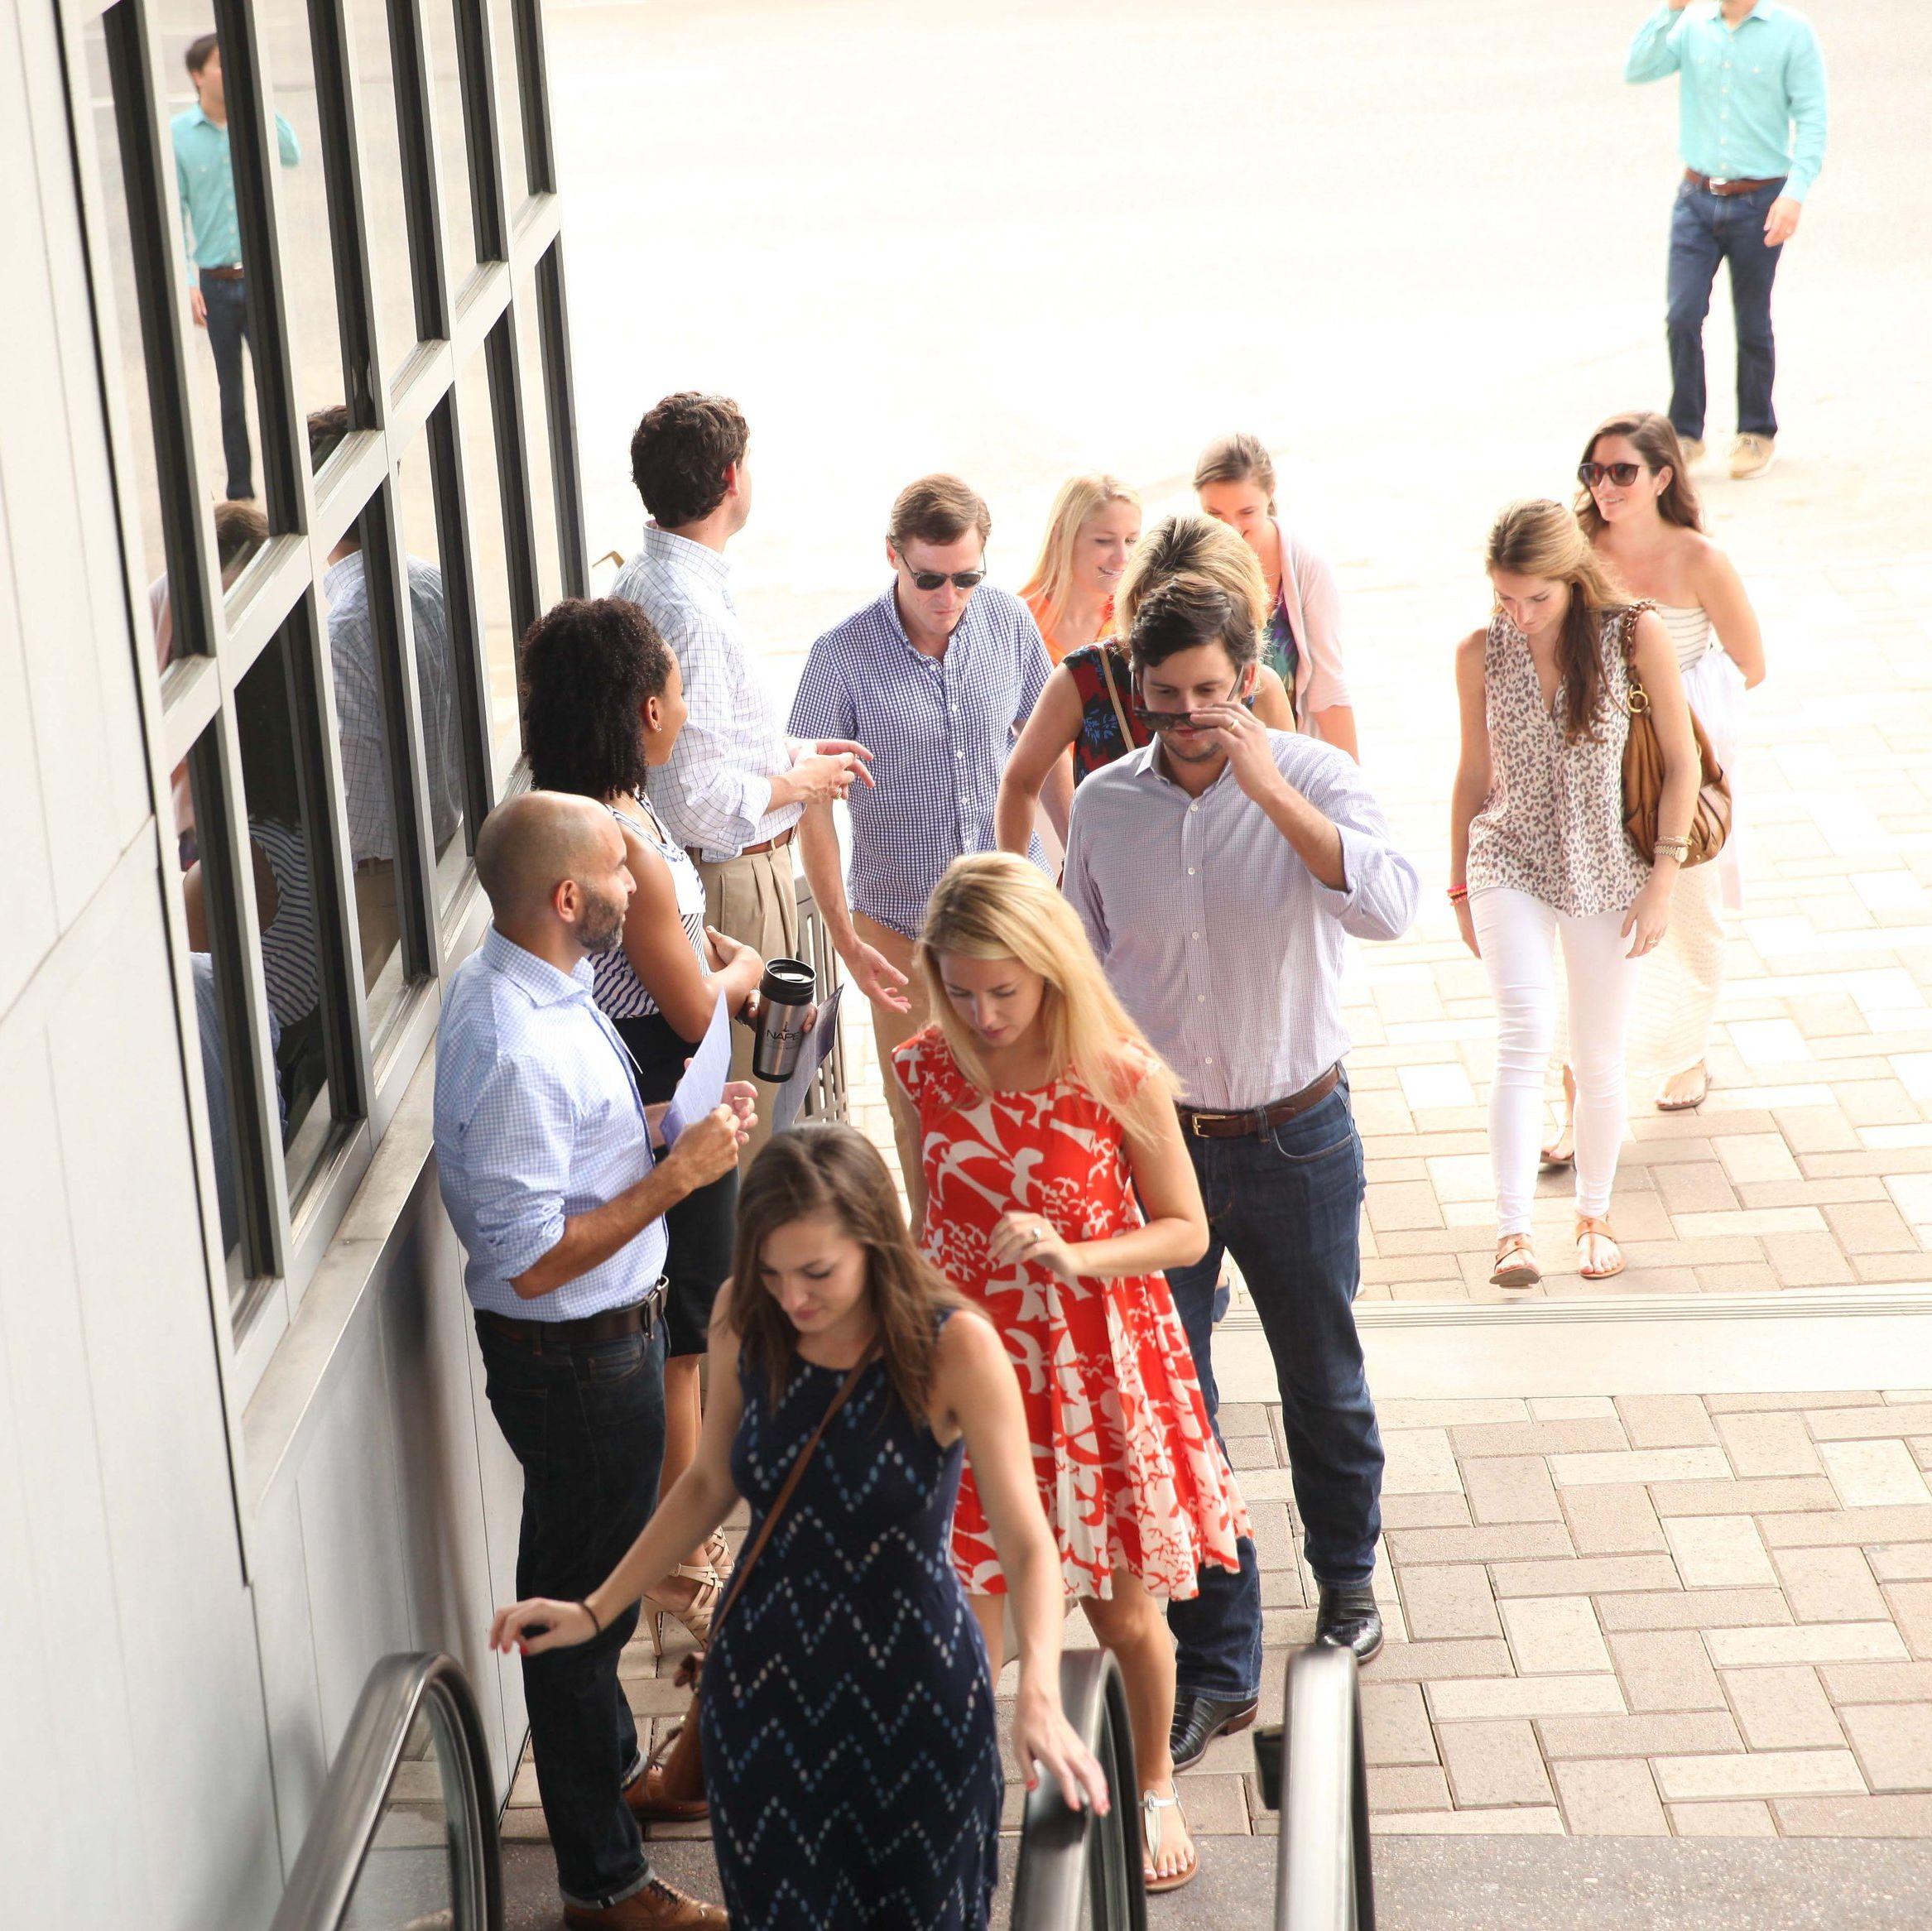 People arriving ehebtp